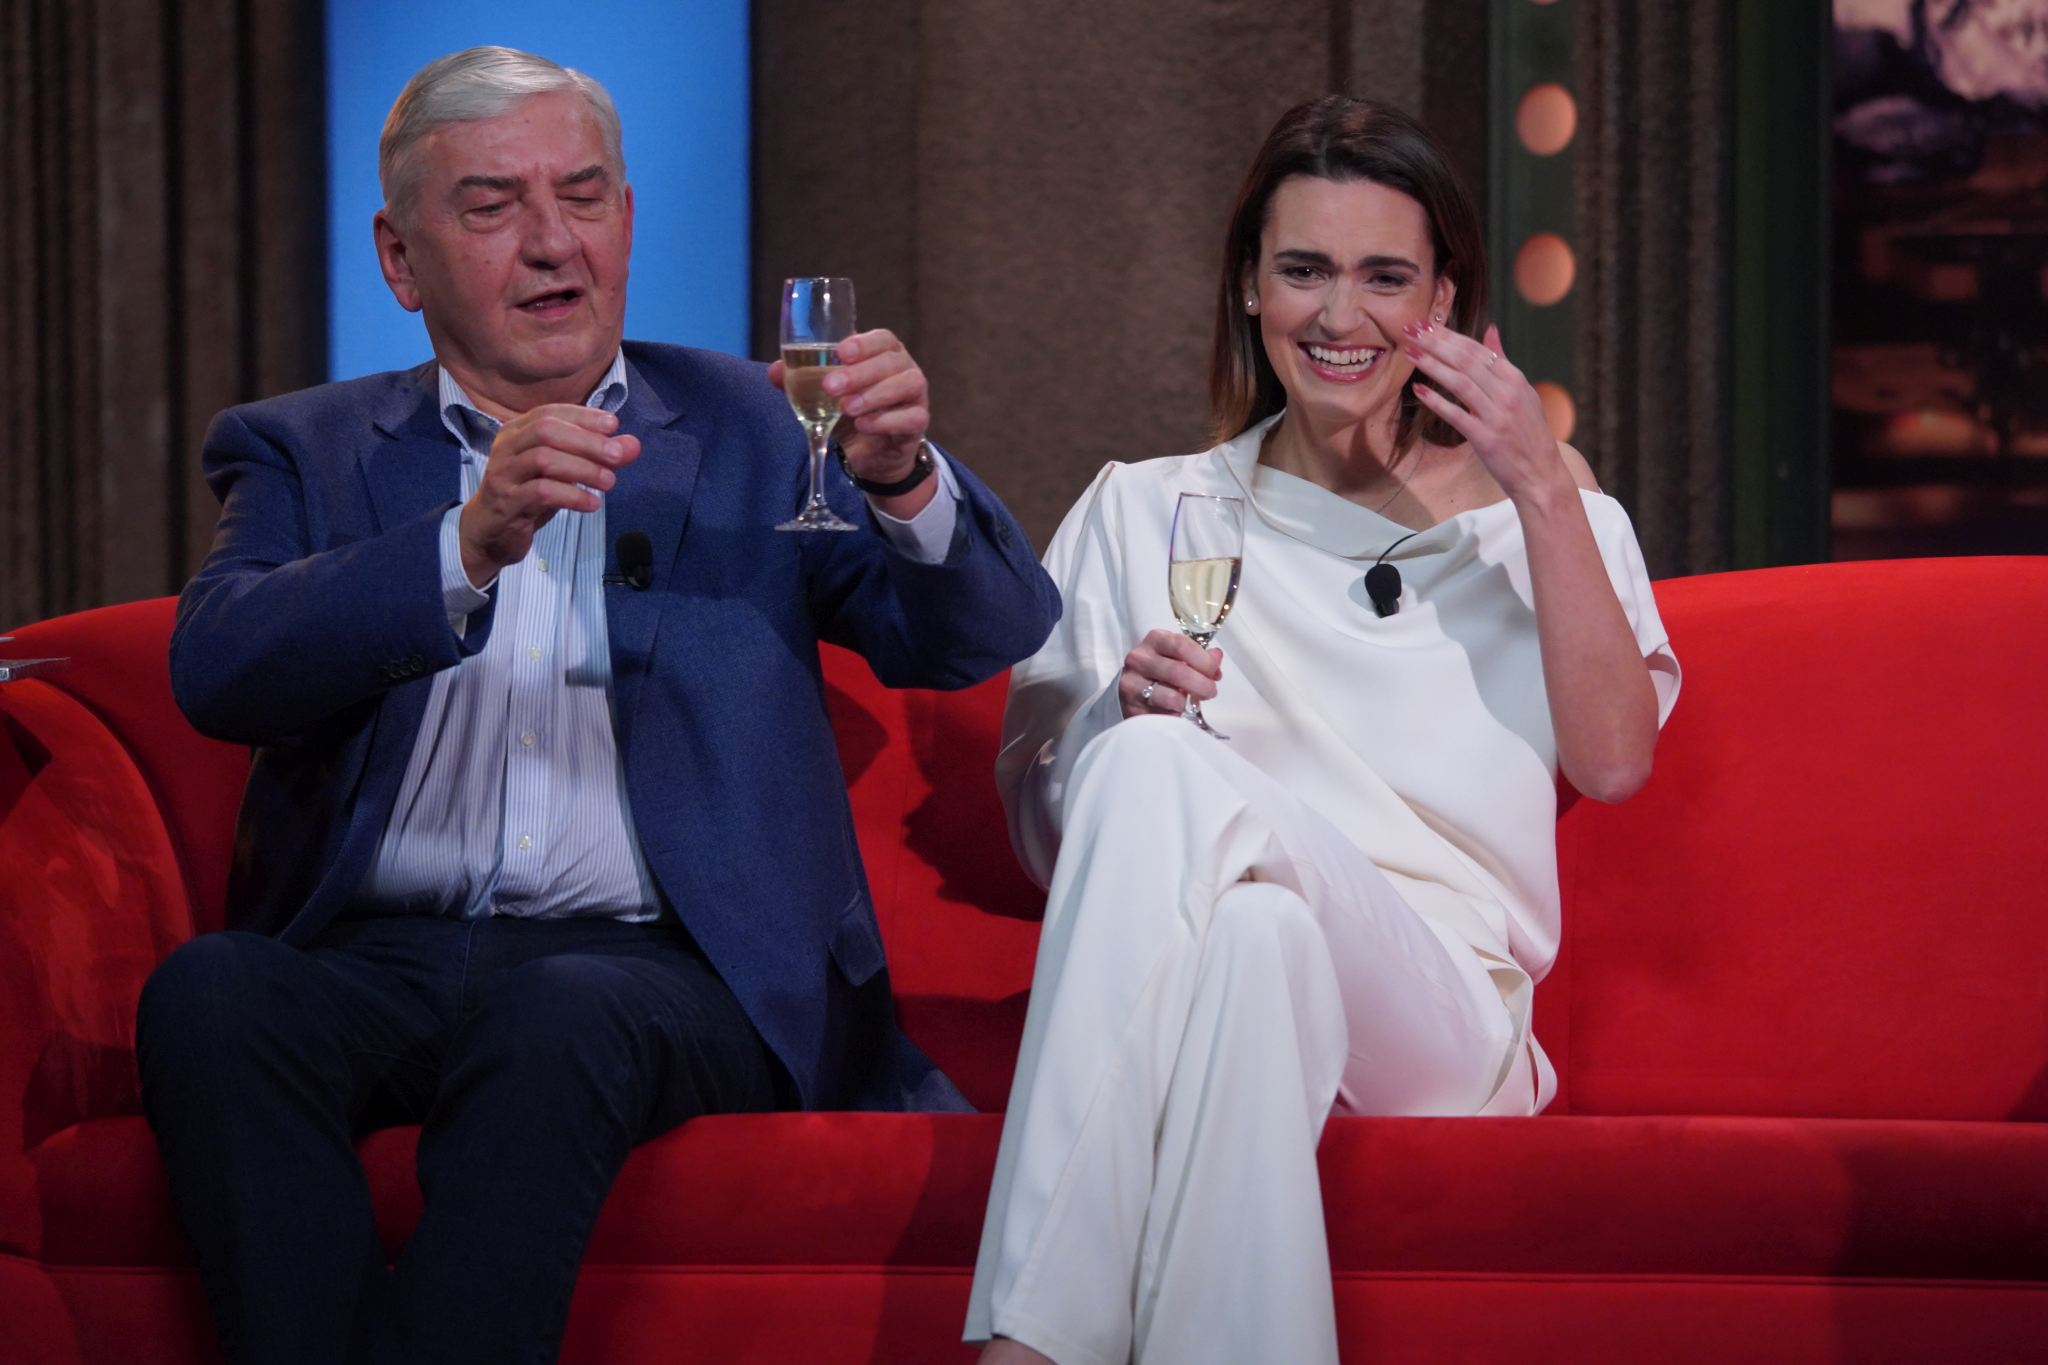 Herec Miroslav Donutil a TV moderátorka a redaktorka Daniela Písařovicová v SJK 3. 2. 2021